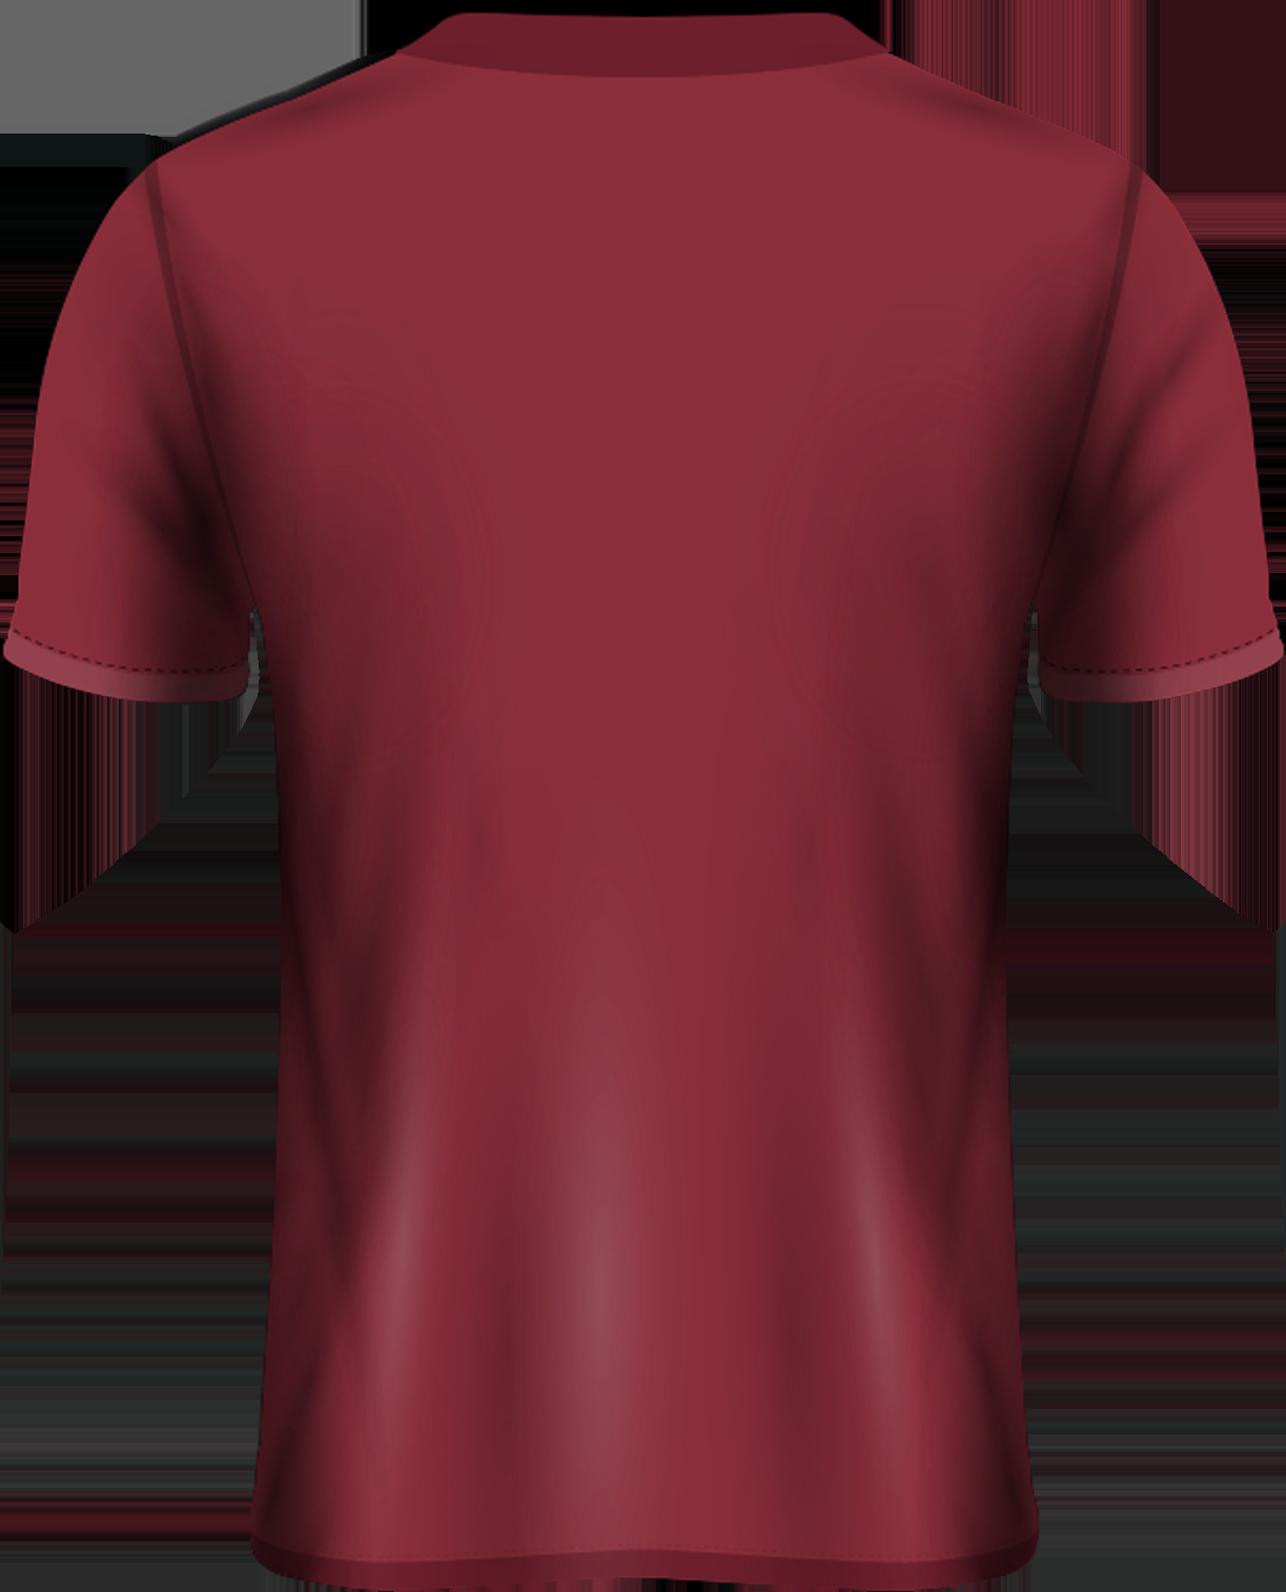 Hatayspor 2021/2022 Sezonu Bordo İç Saha Maç Forması S  | Hatayspor Store | Bir Hatayspor Futbol Kulübü Resmi Markasıdır.!